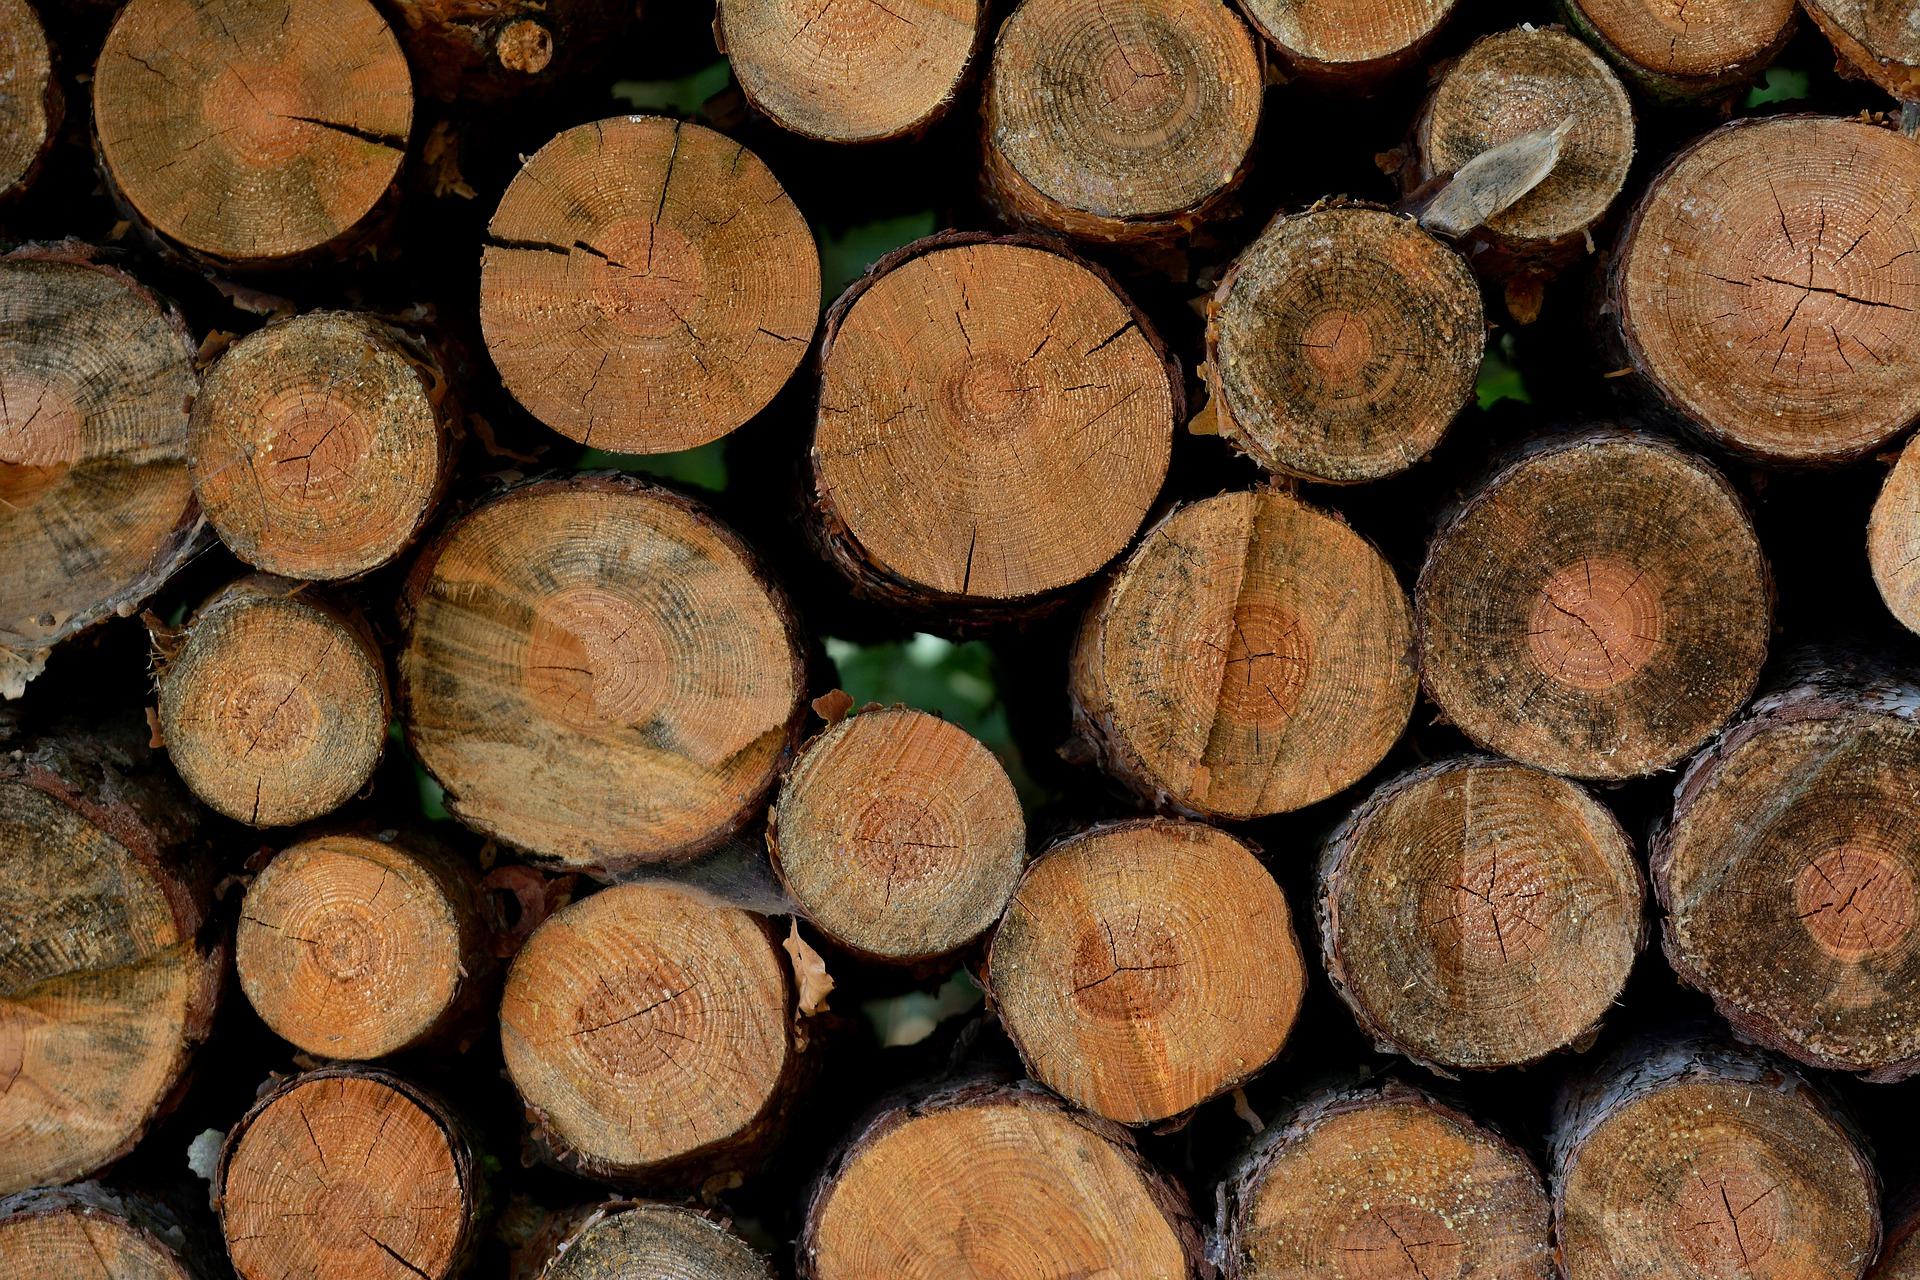 In Zeiten der Holzknappheit: Kalamitätsholz konstruktiv nutzen